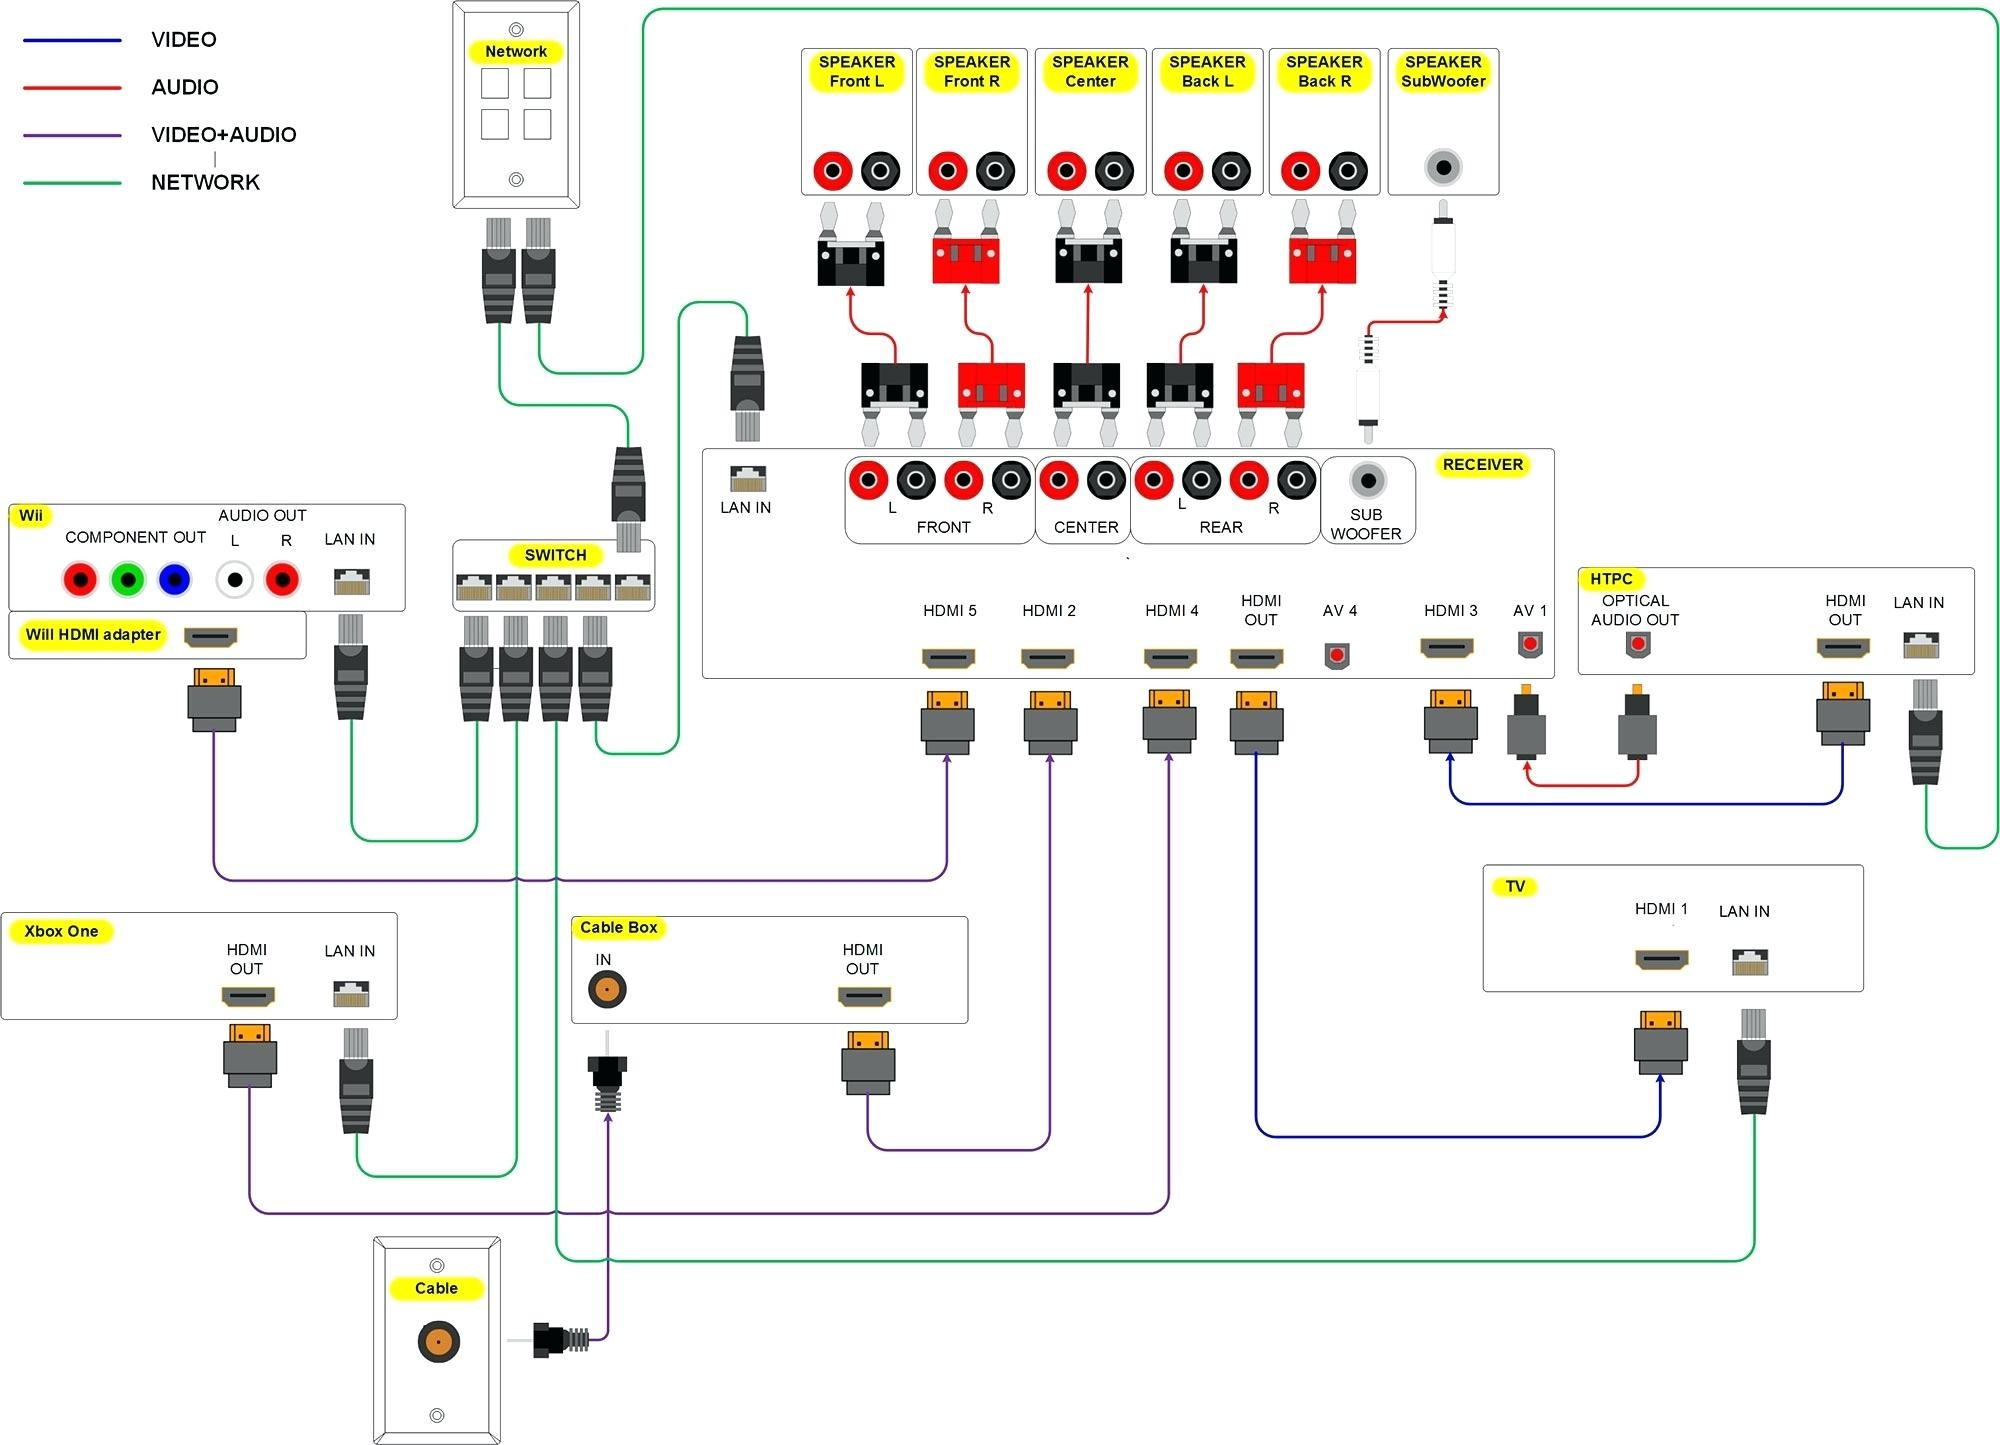 paramax surround sound speaker wiring diagram wiring diagram pyle paramax  magnavox yamaha kenwood surround sound wiring